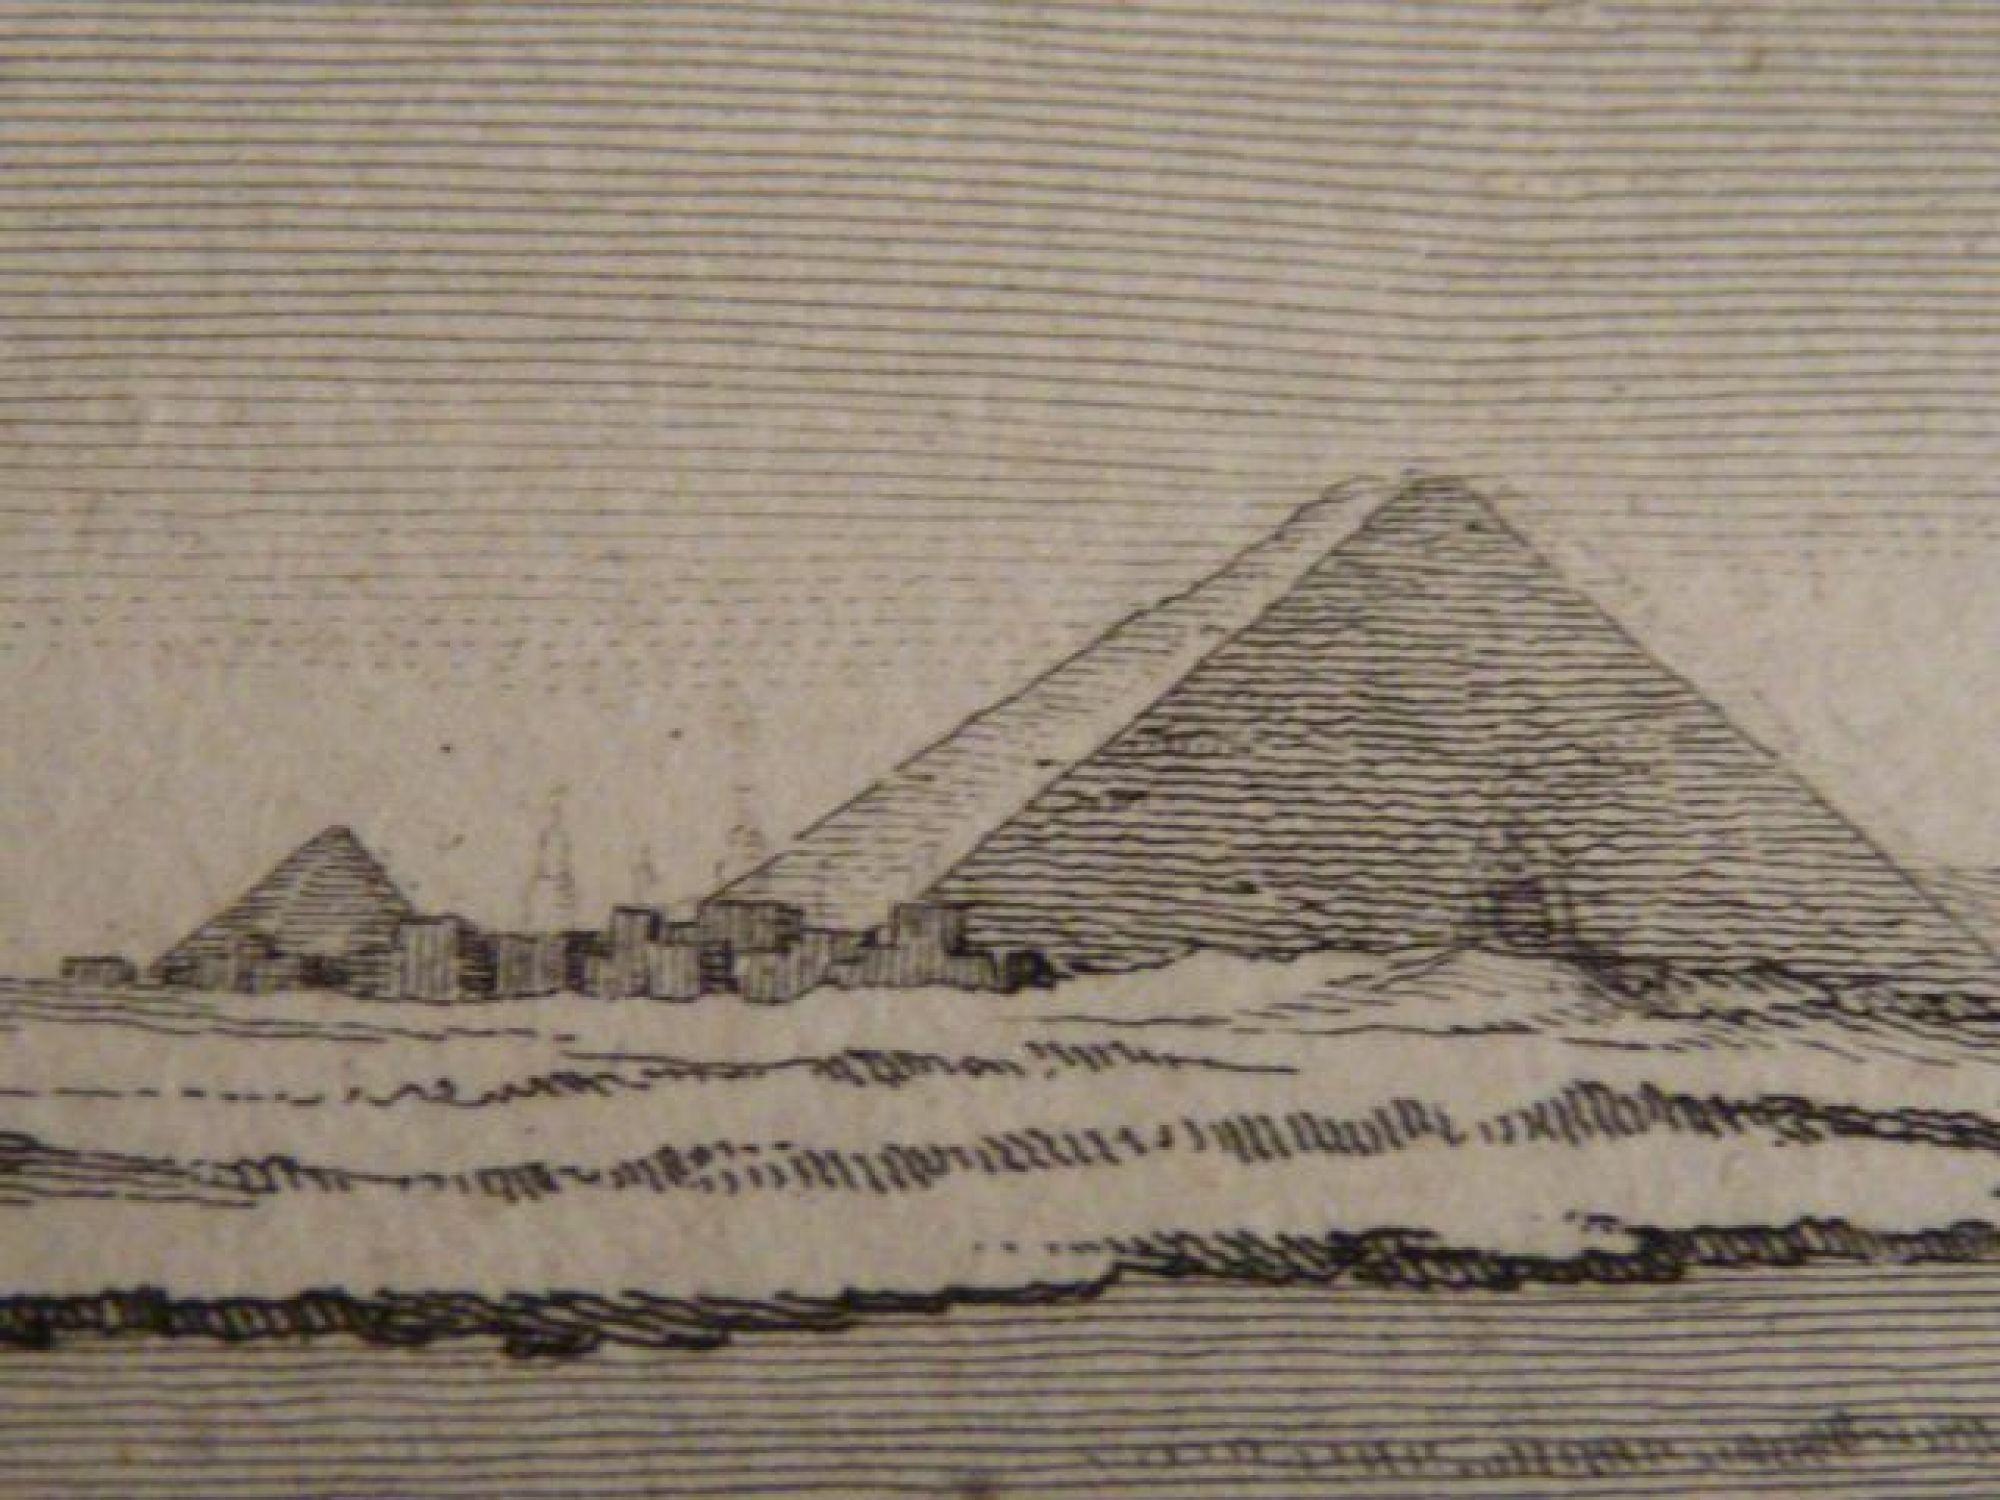 voyage dans la basse et haute egypte intrieur de la pyramide ouverte de djyzh planche 20